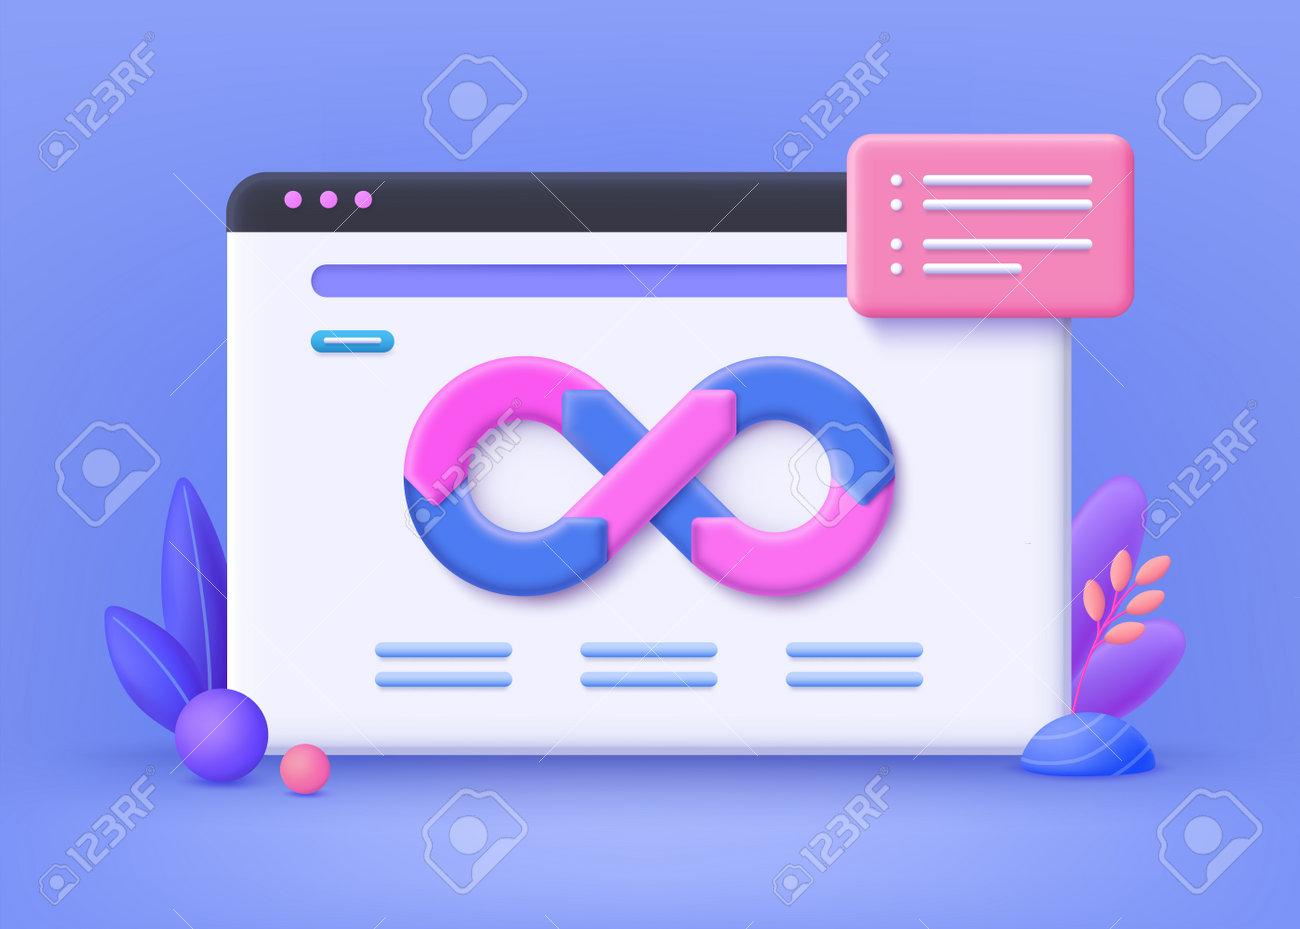 Devops concept, web development. Developing of internet app, online website service. DevOps landing page, programming and engineering service web banner. 3d vector illustration. - 168117454